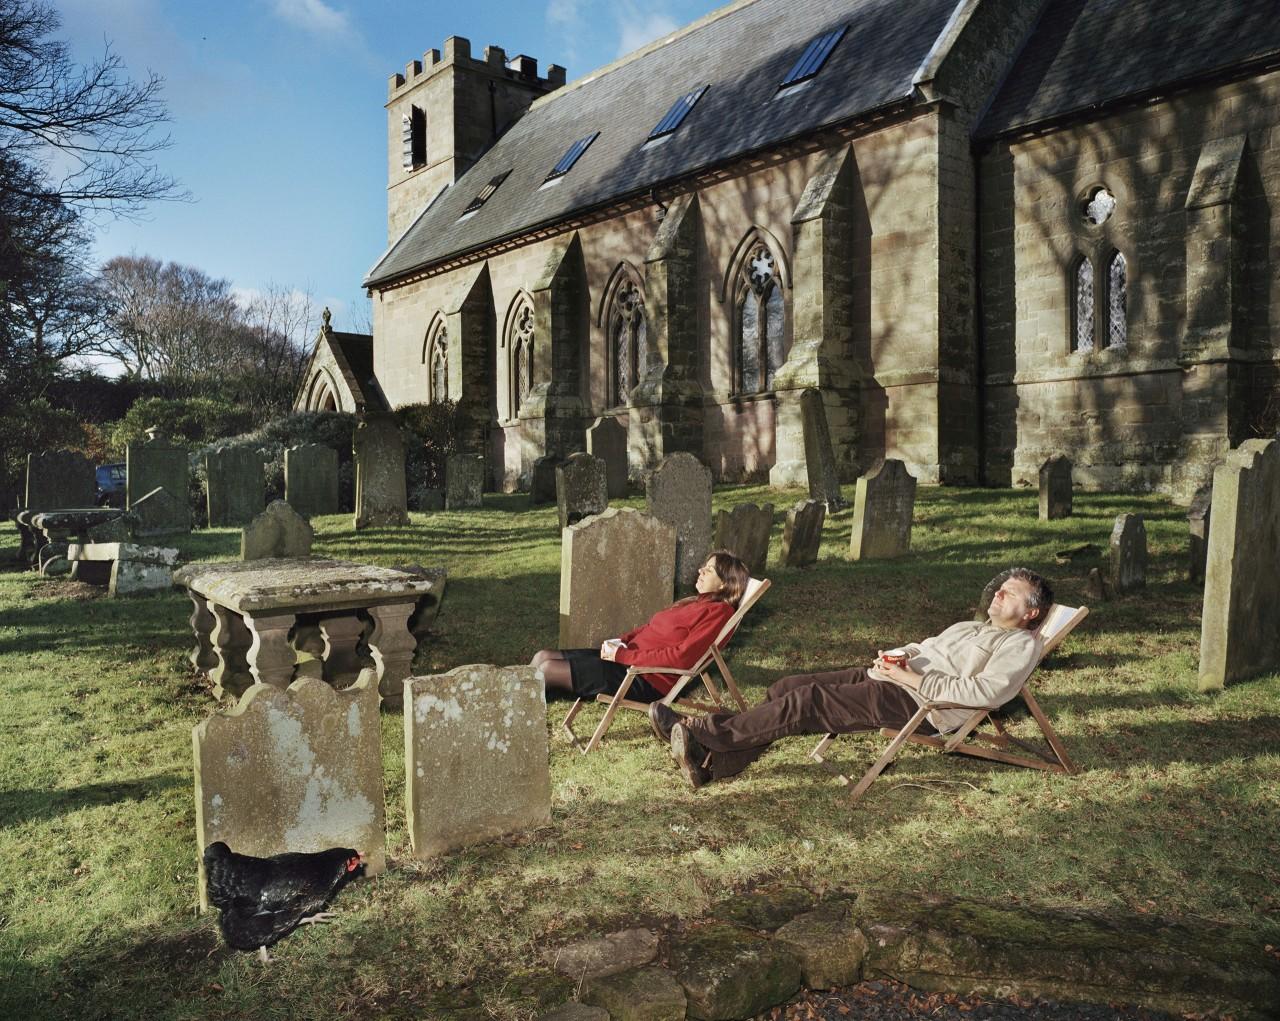 Дом, переоборудованный из старинной церкви. Англия, 2010. Фотограф Ларс Тунбьёрк